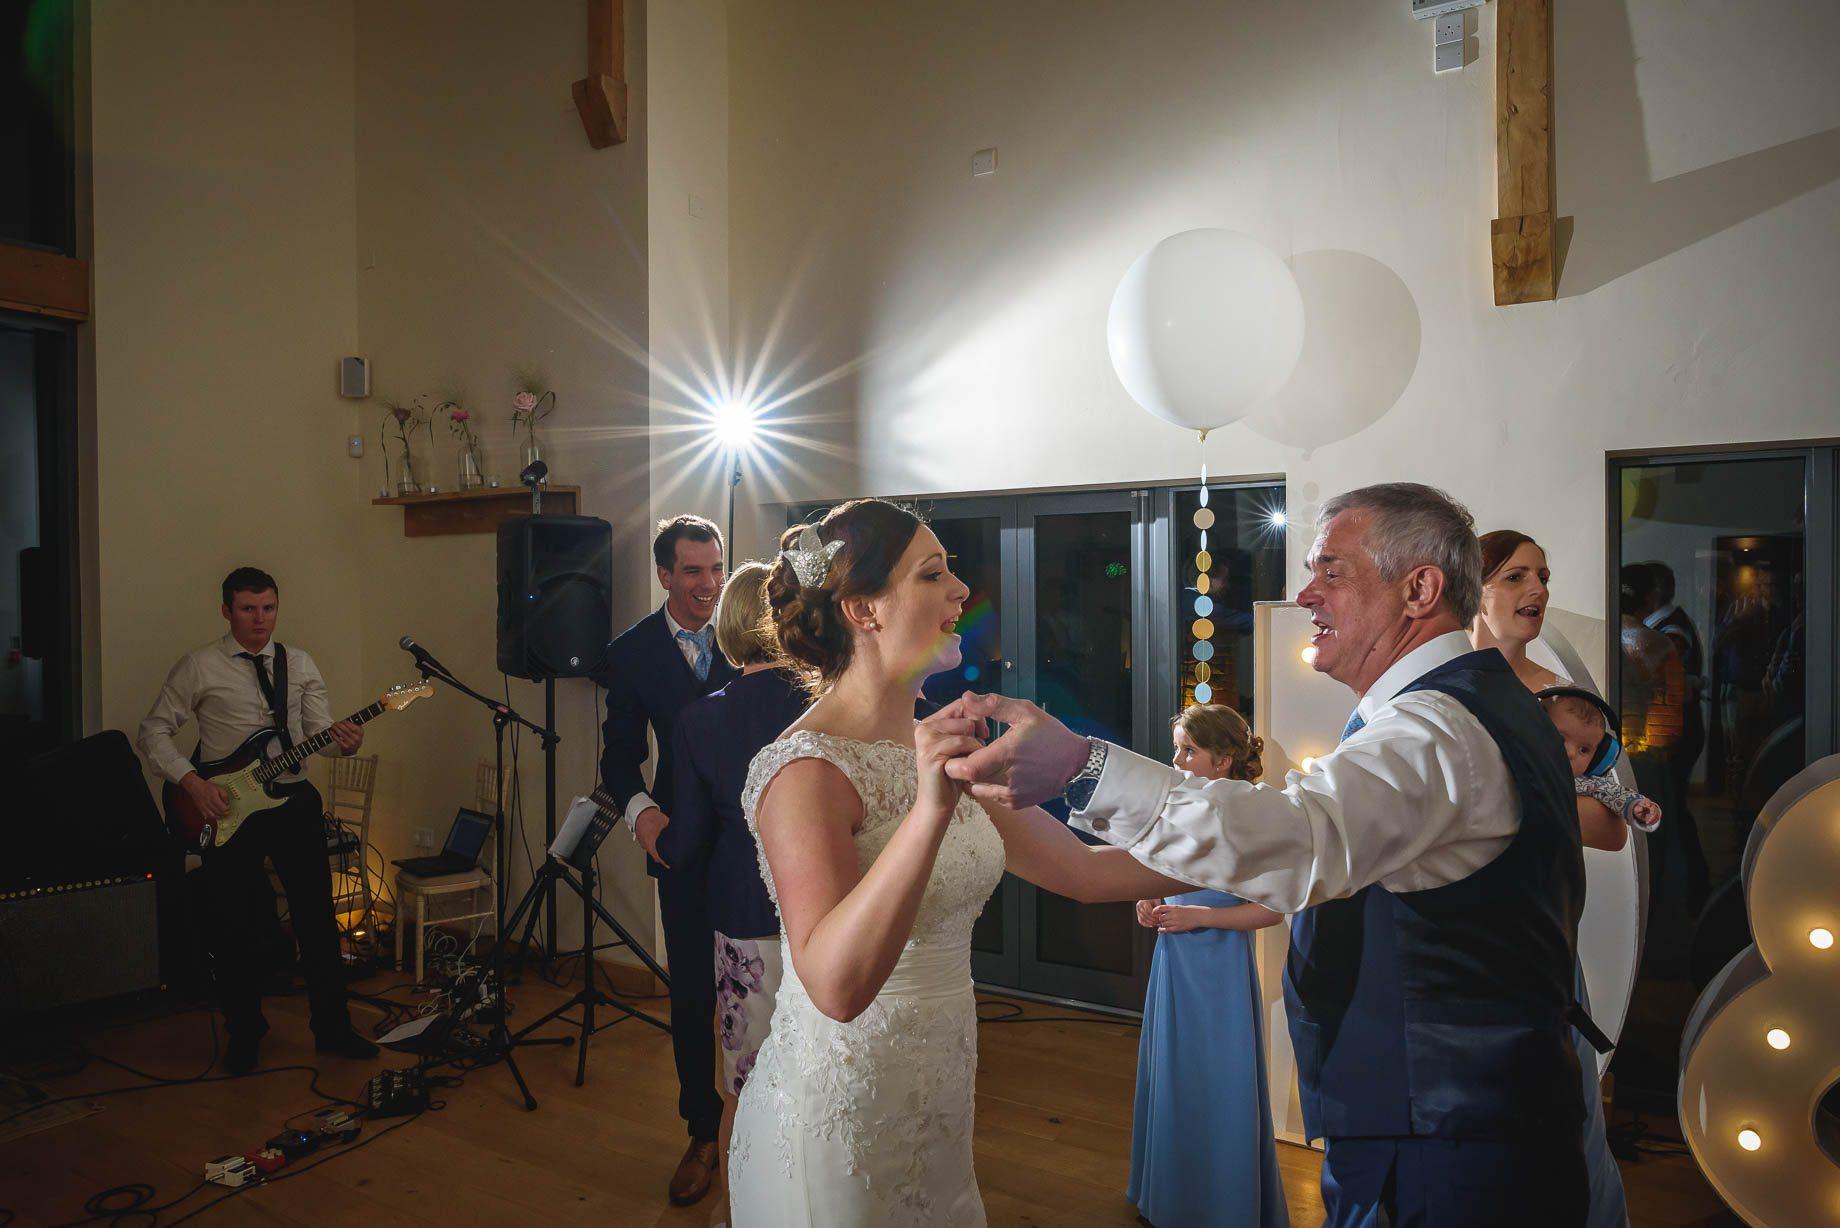 Millbridge Court Wedding Photography - Lisa and Daniel (172 of 173)